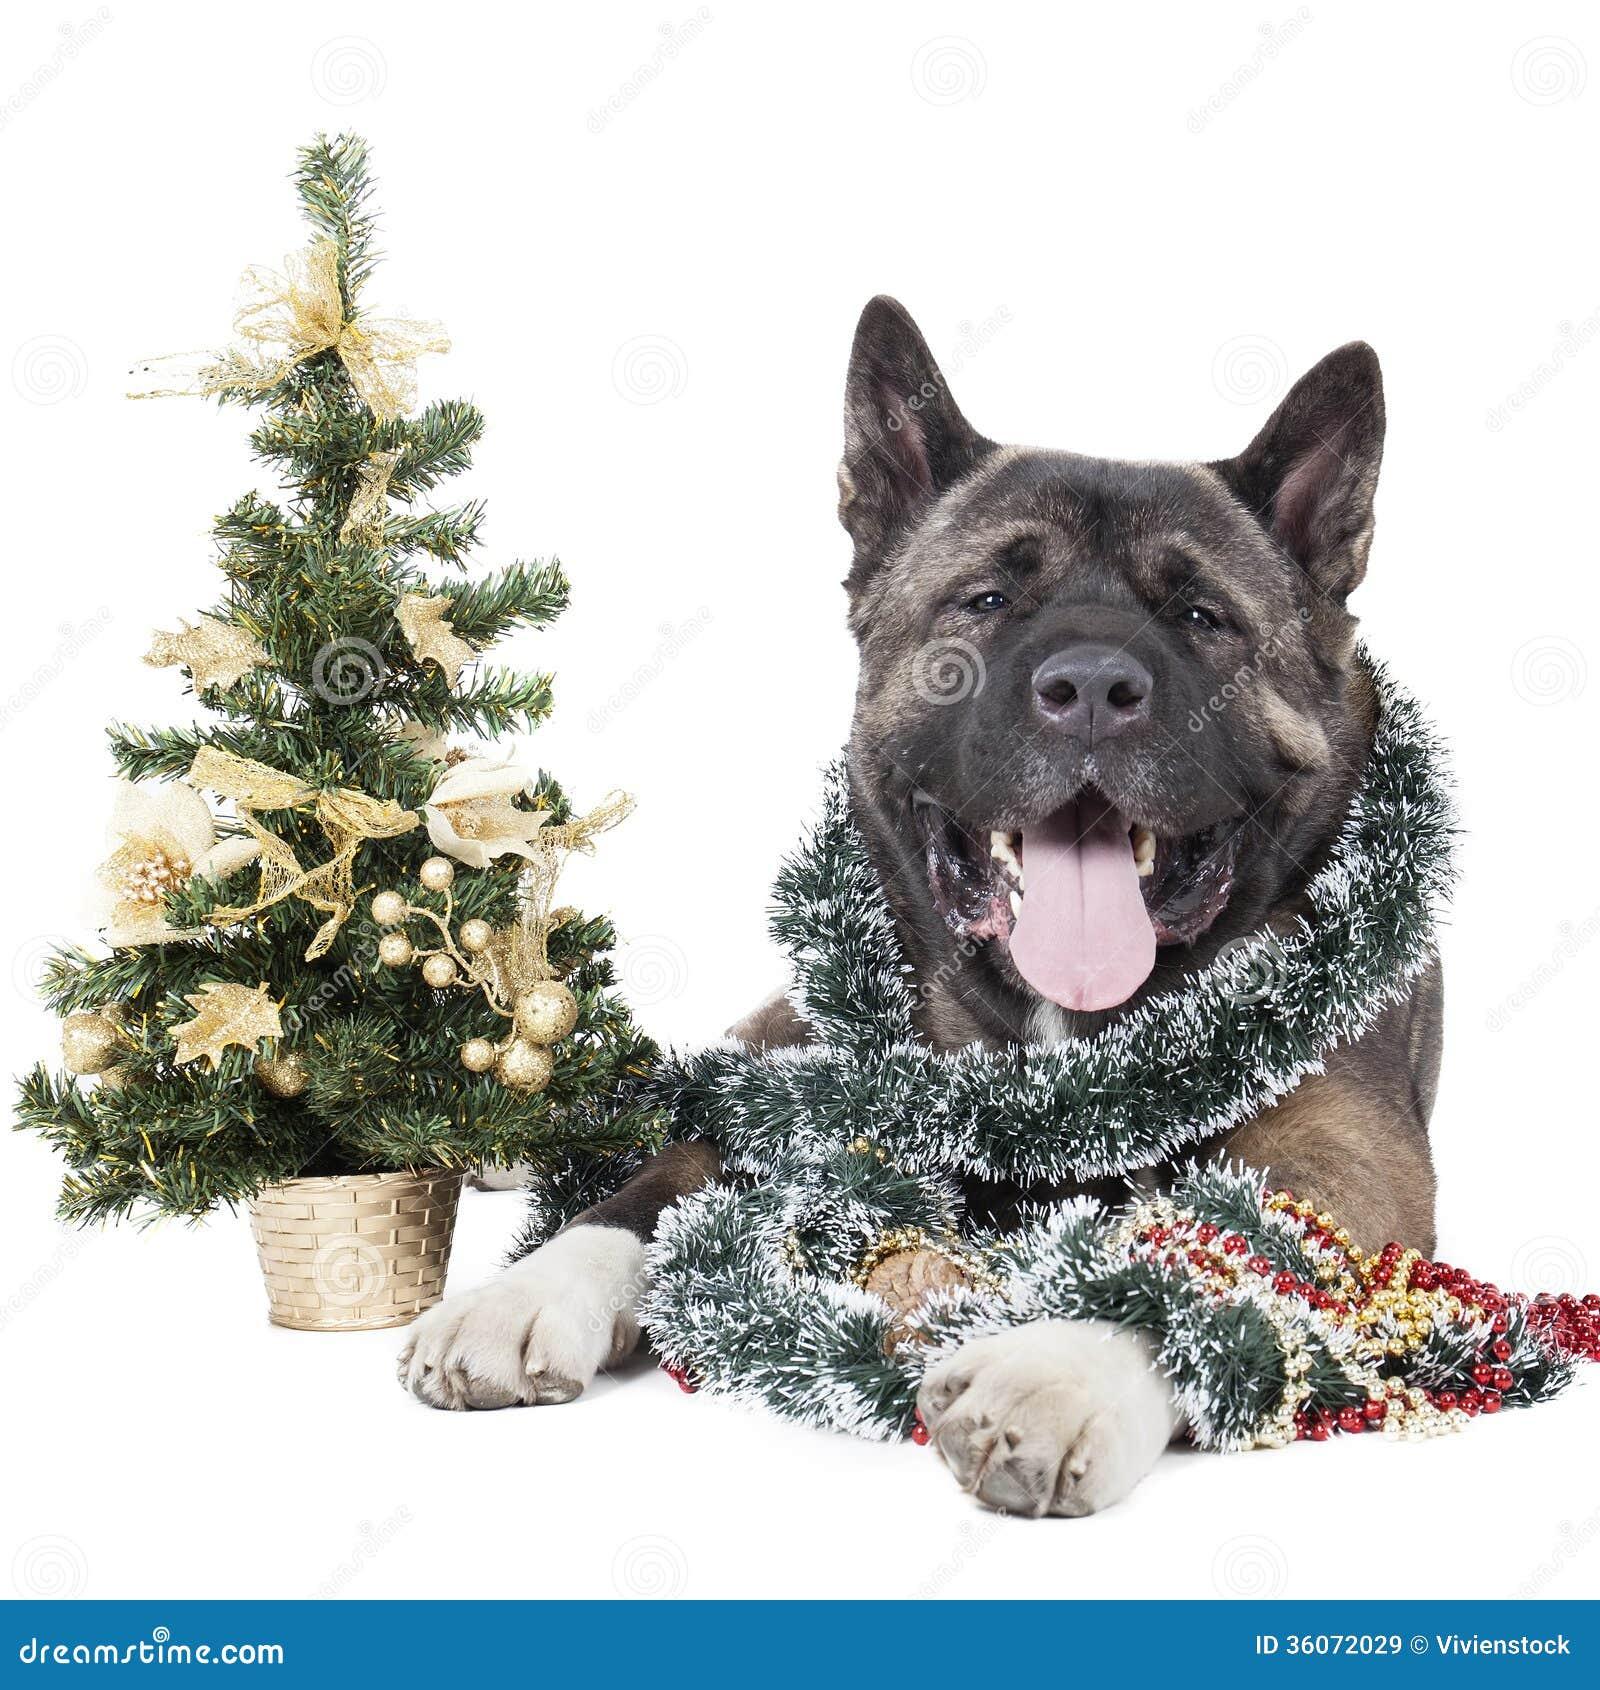 Big W White Christmas Tree: American Akita With A Christmas Tree Stock Image